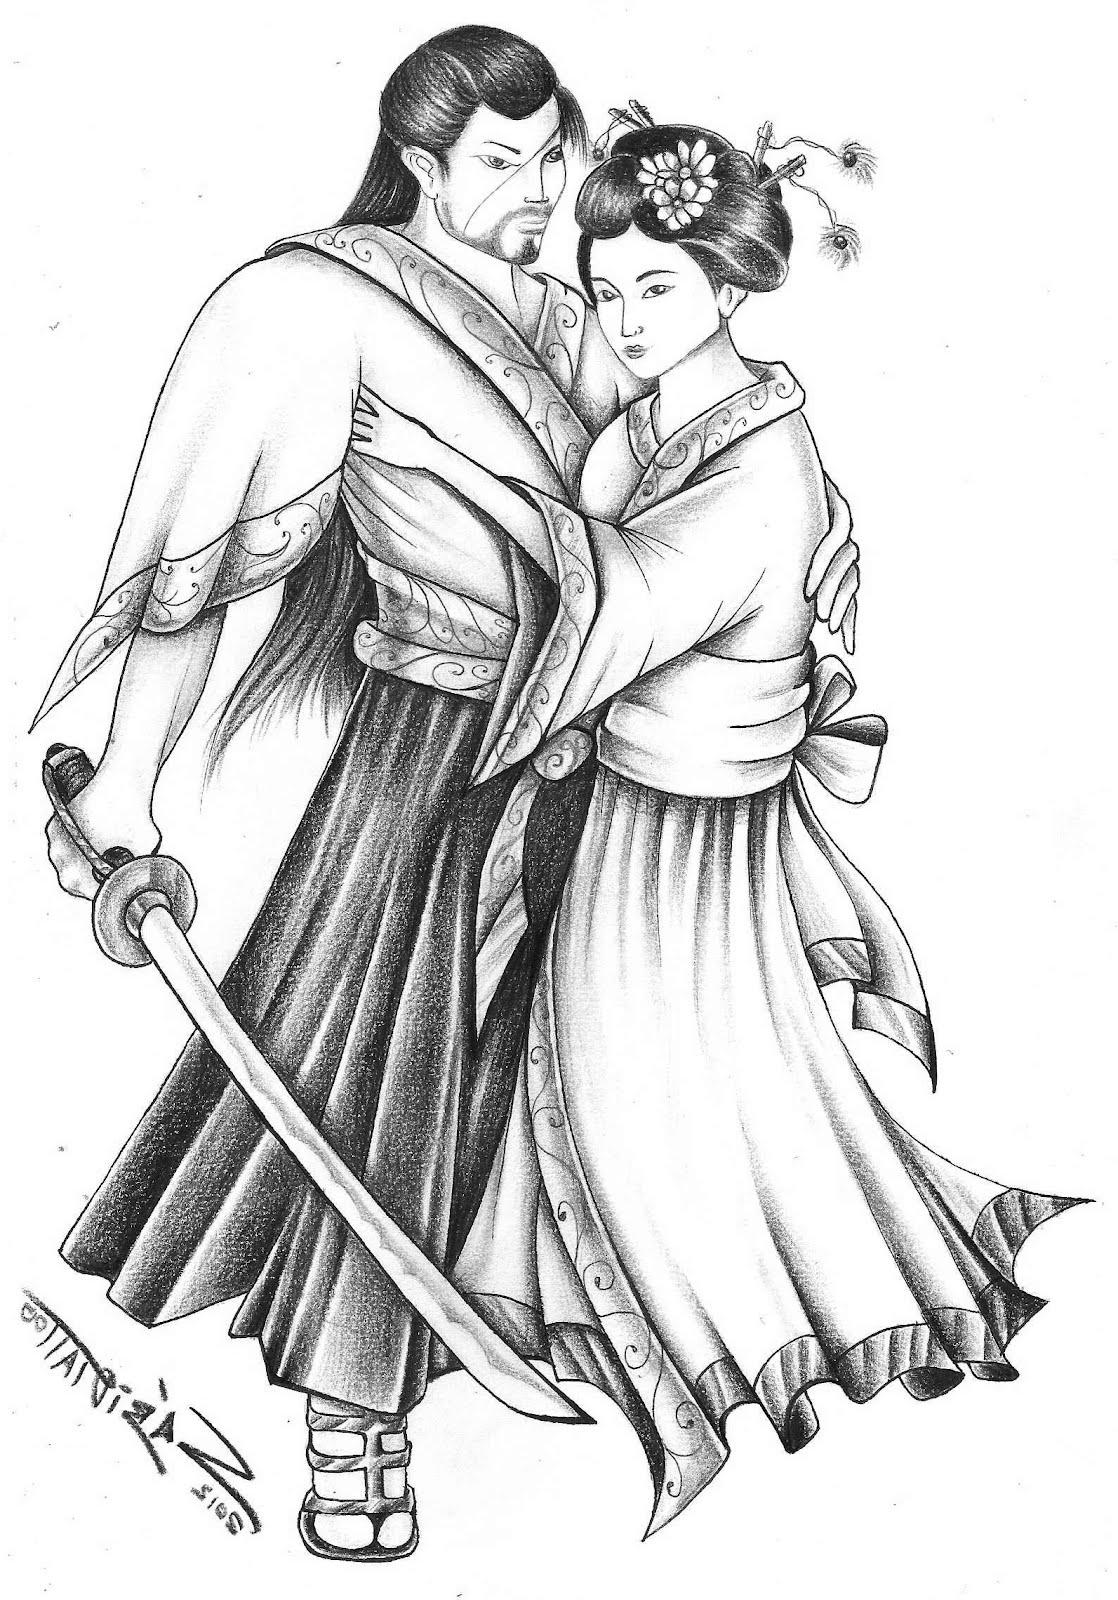 desenho de samurai bom gueixa